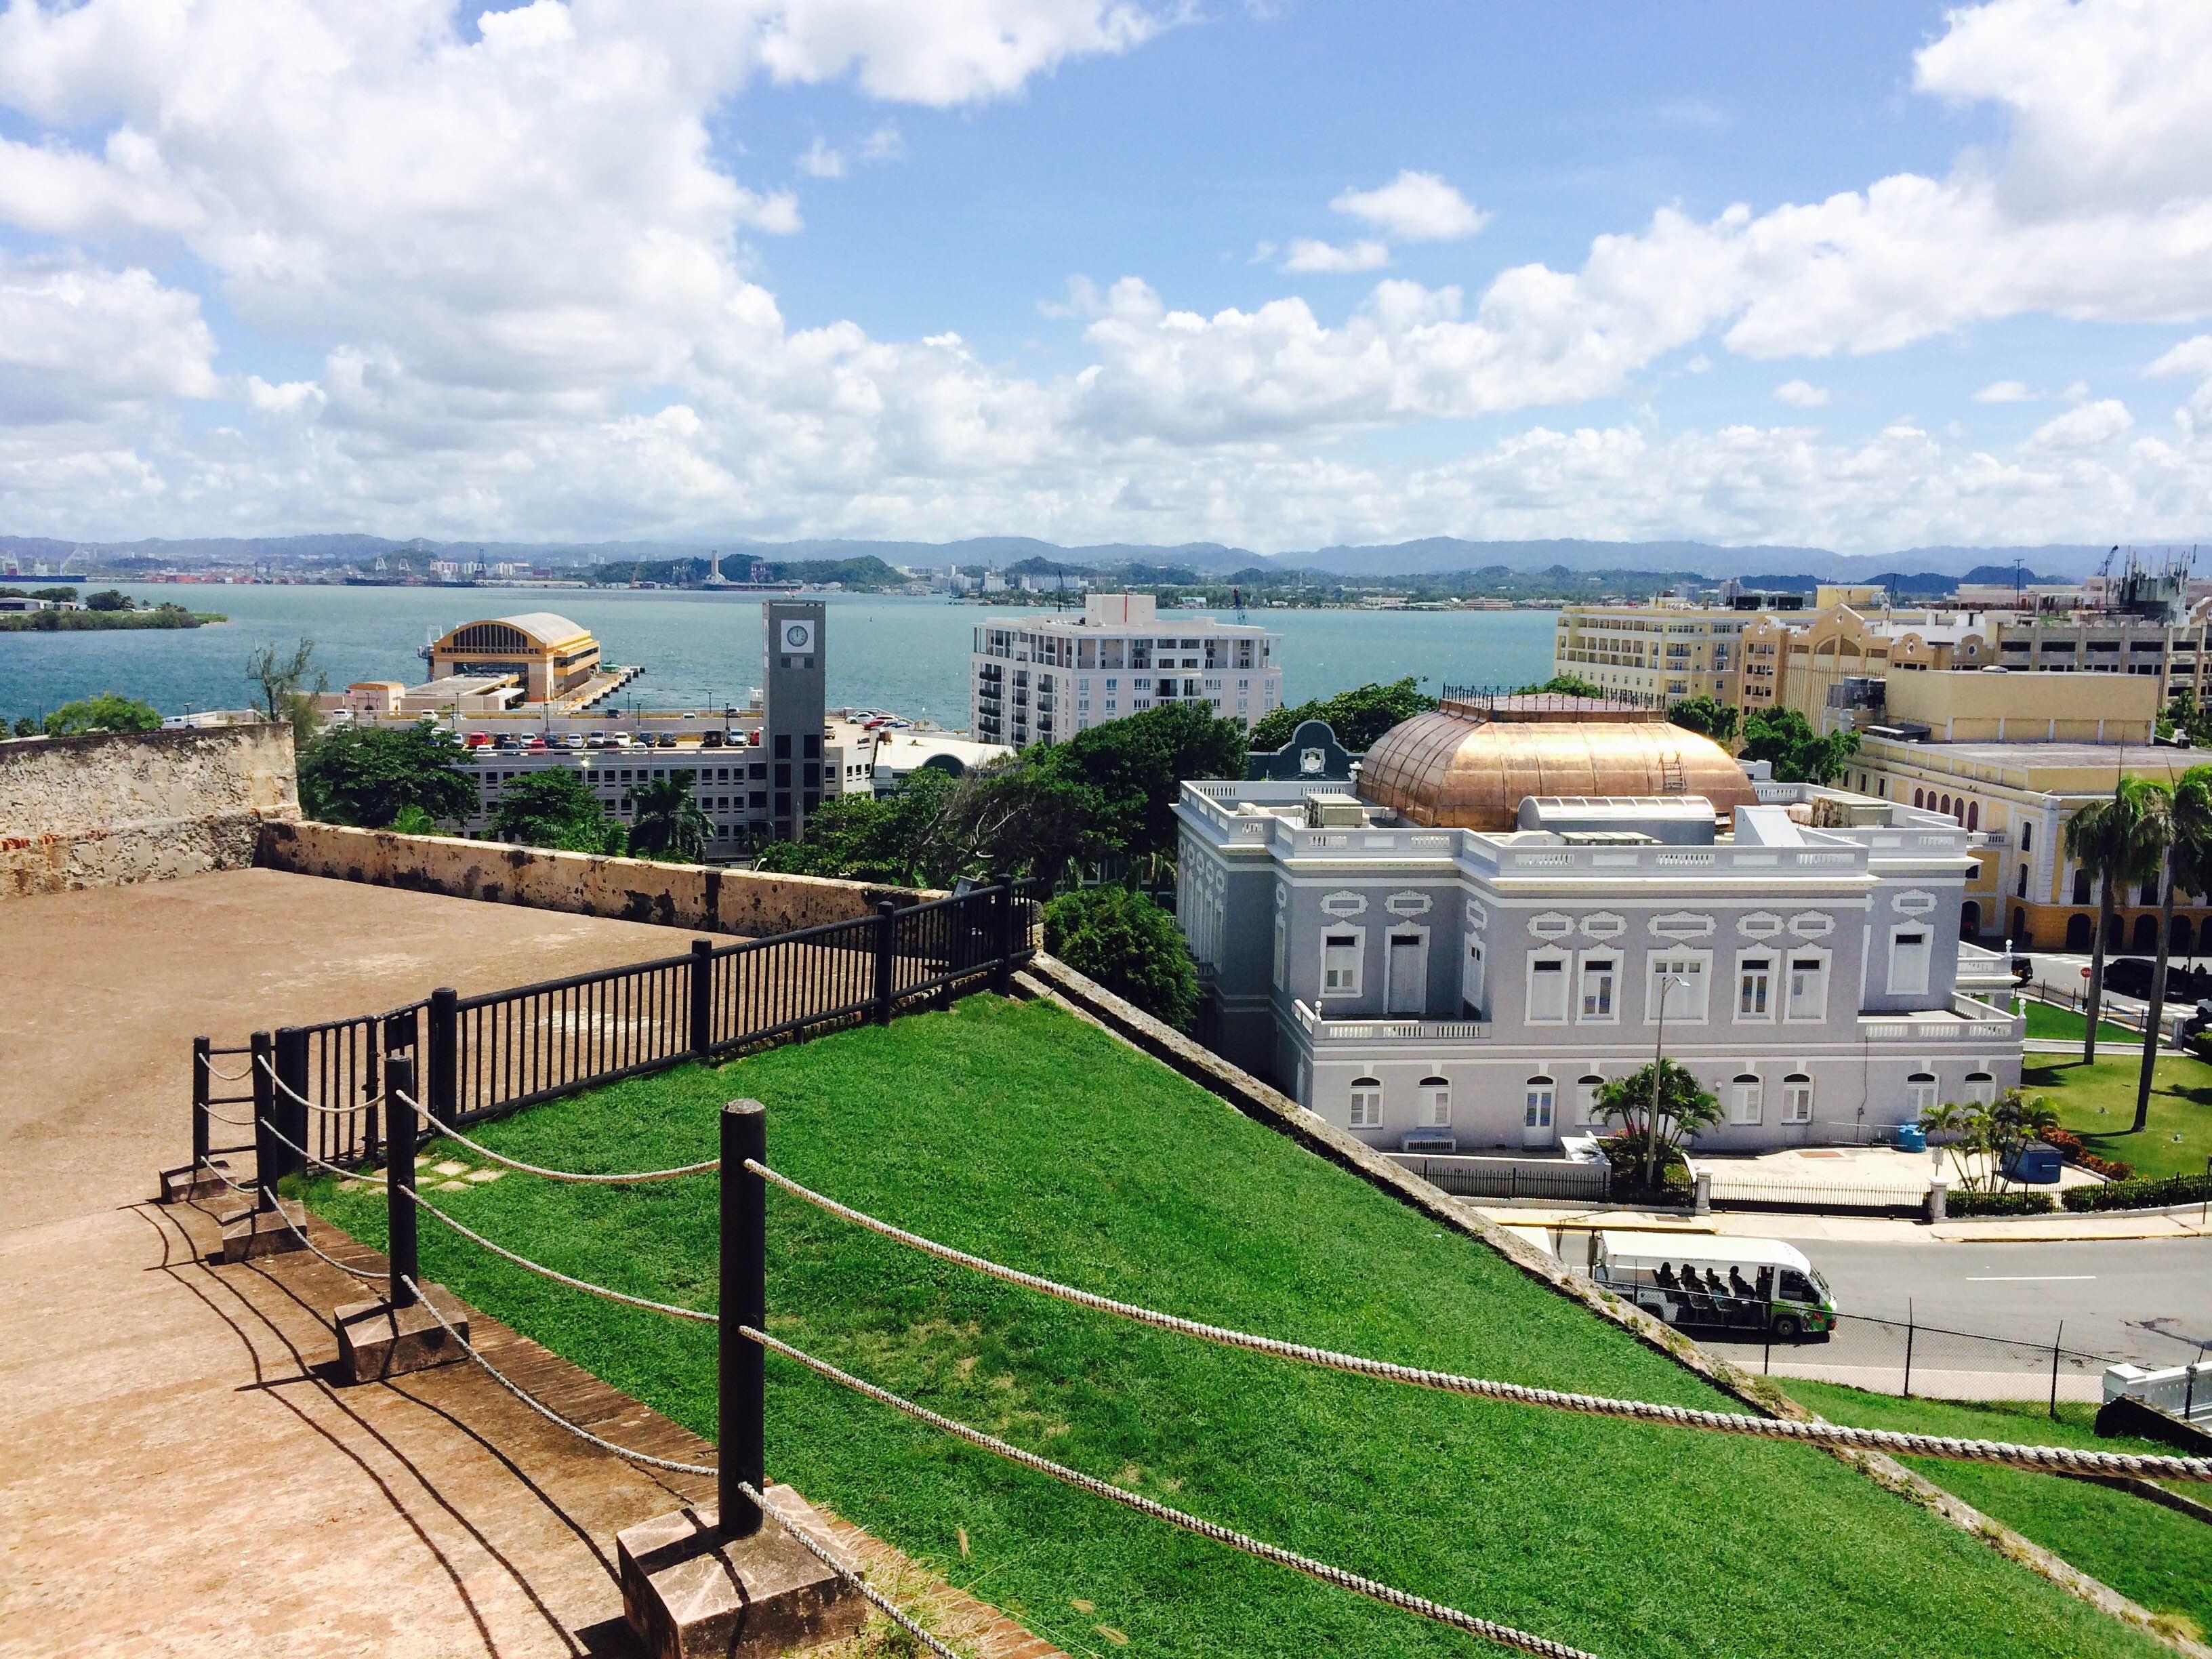 プエルトリコの観光スポット!旅行客に人気のビーチや世界遺産を紹介!